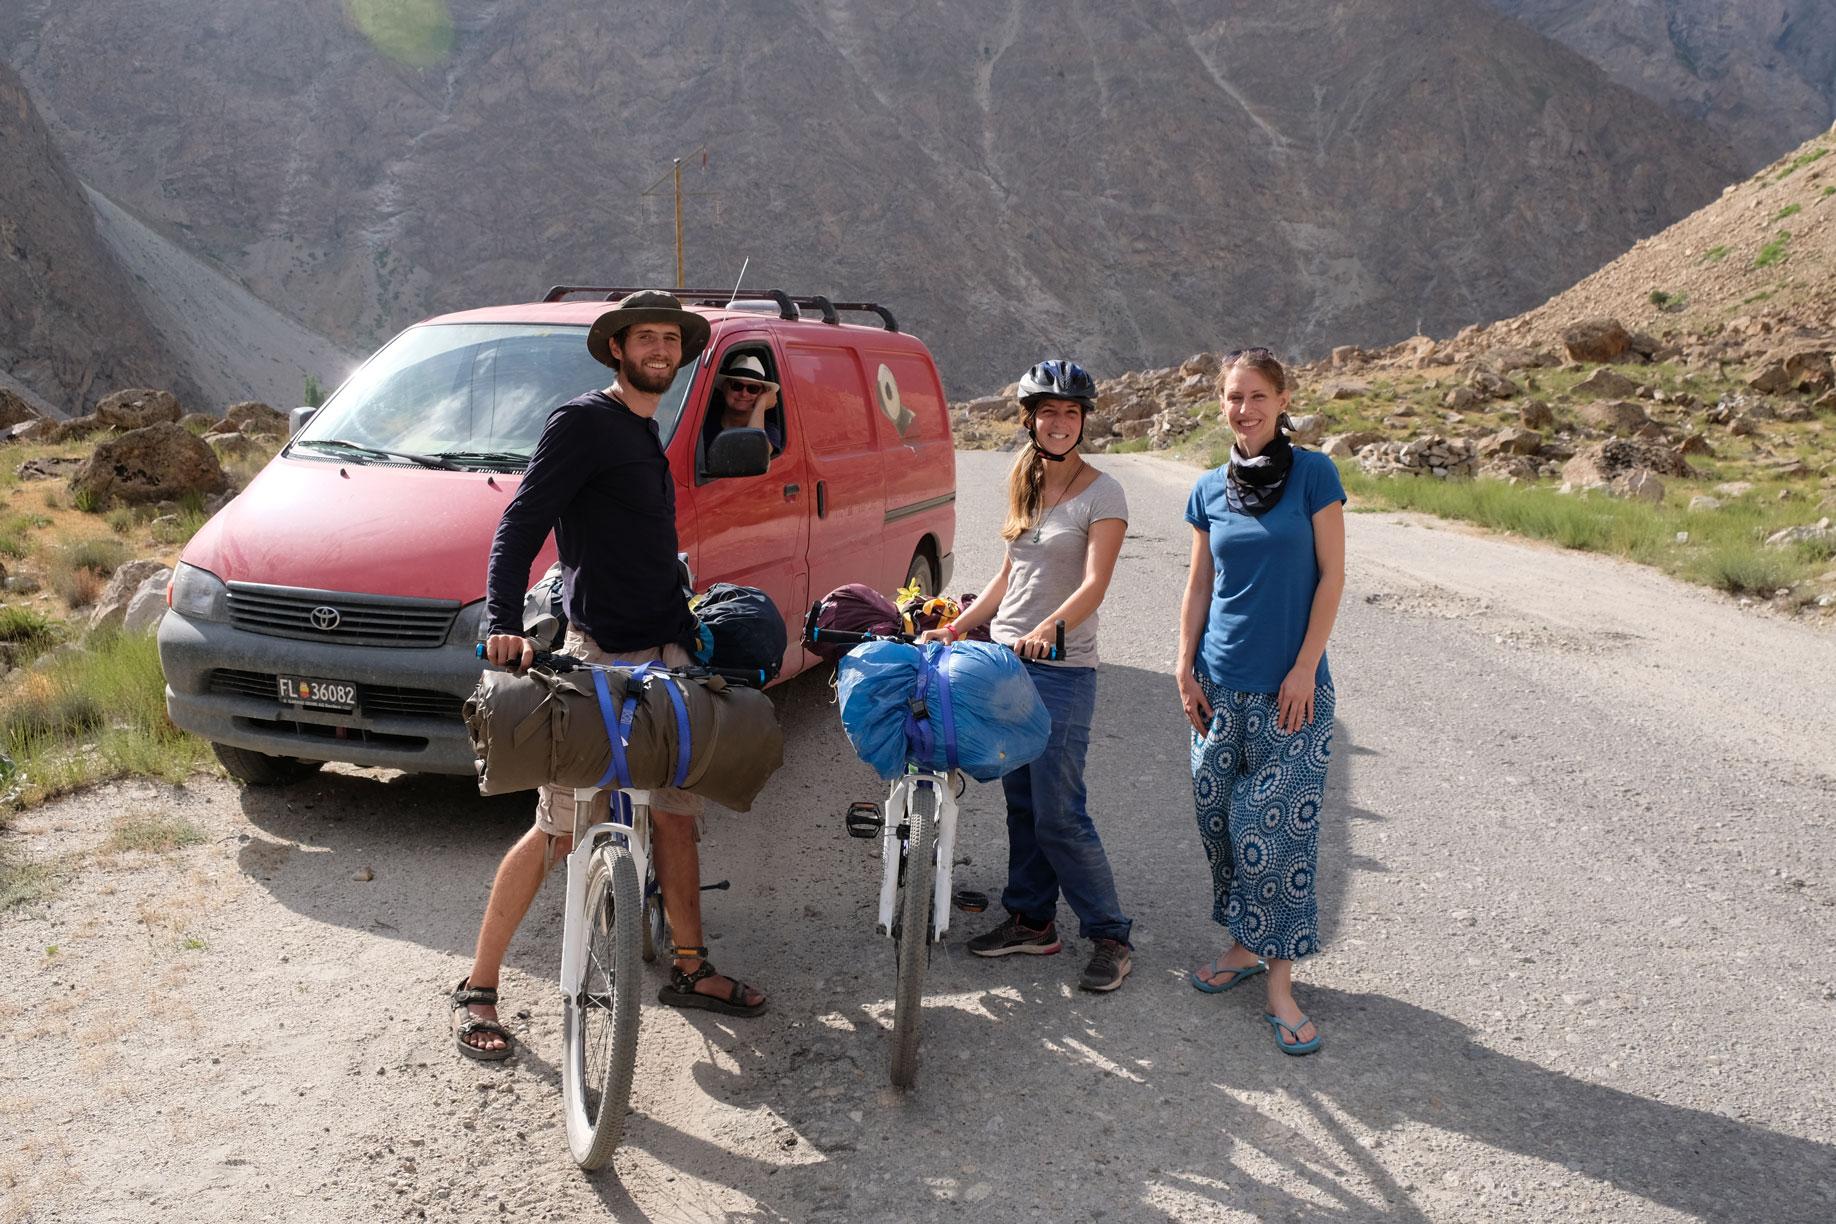 Leo neben Stéphane und Alice, die mit dem Fahrrad unterwegs sind